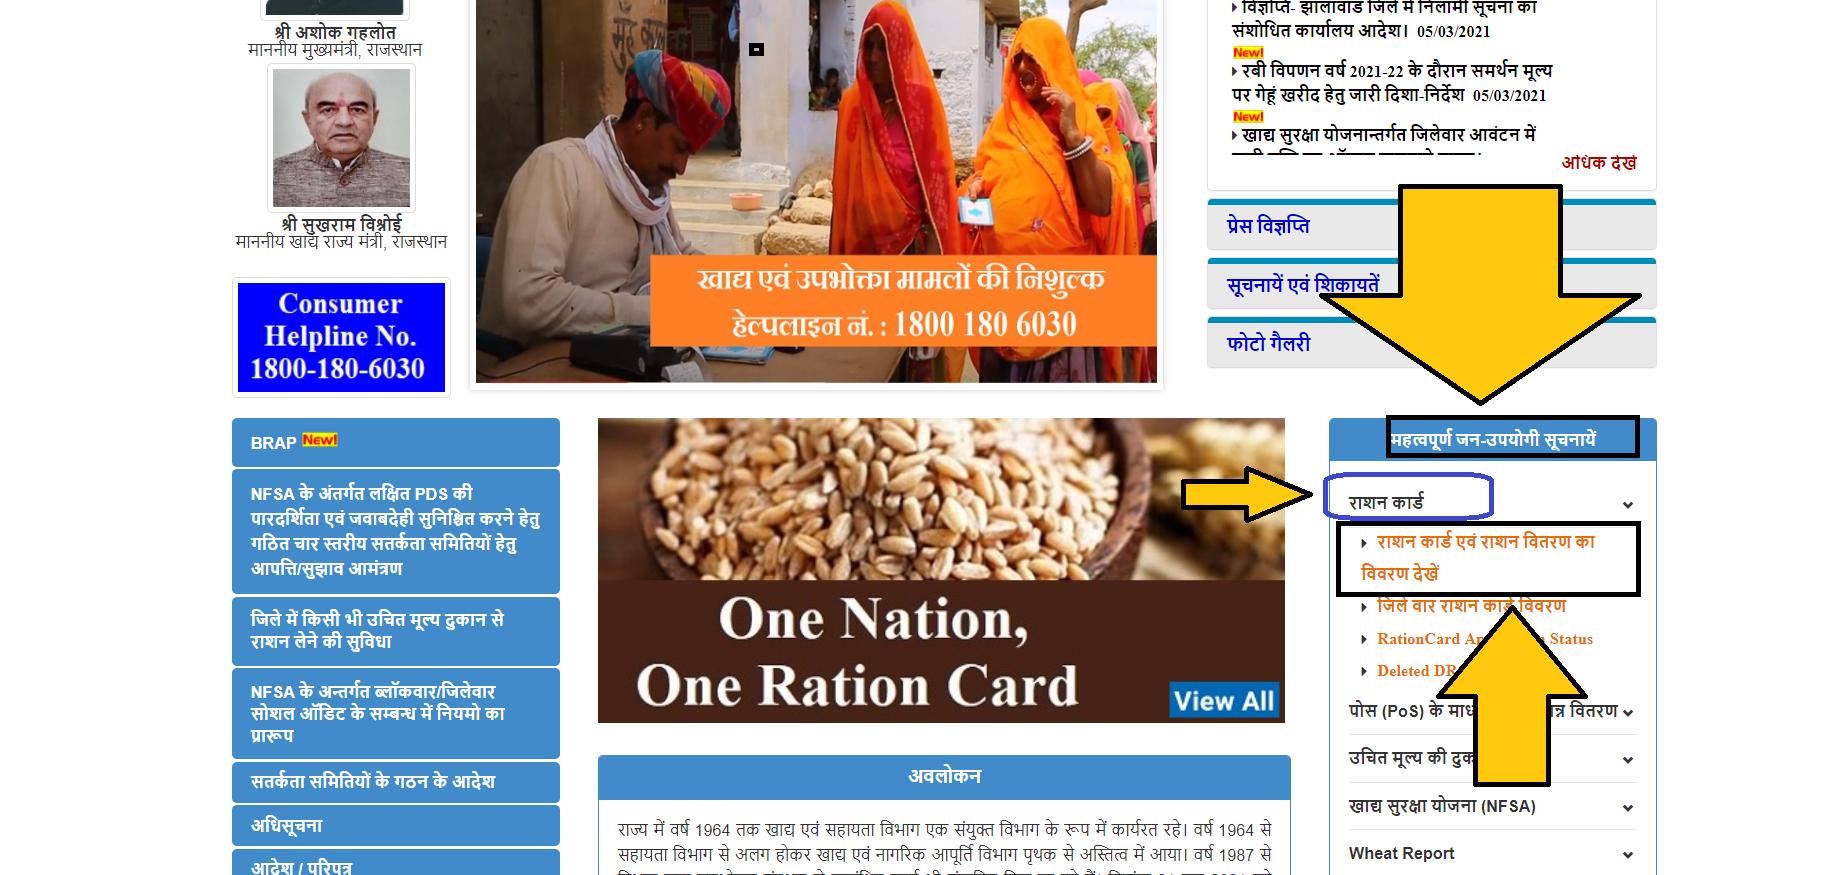 राजस्थान-राशन-कार्ड-ऑनलाइन-डिटेल्स-देखने-की-प्रक्रिया